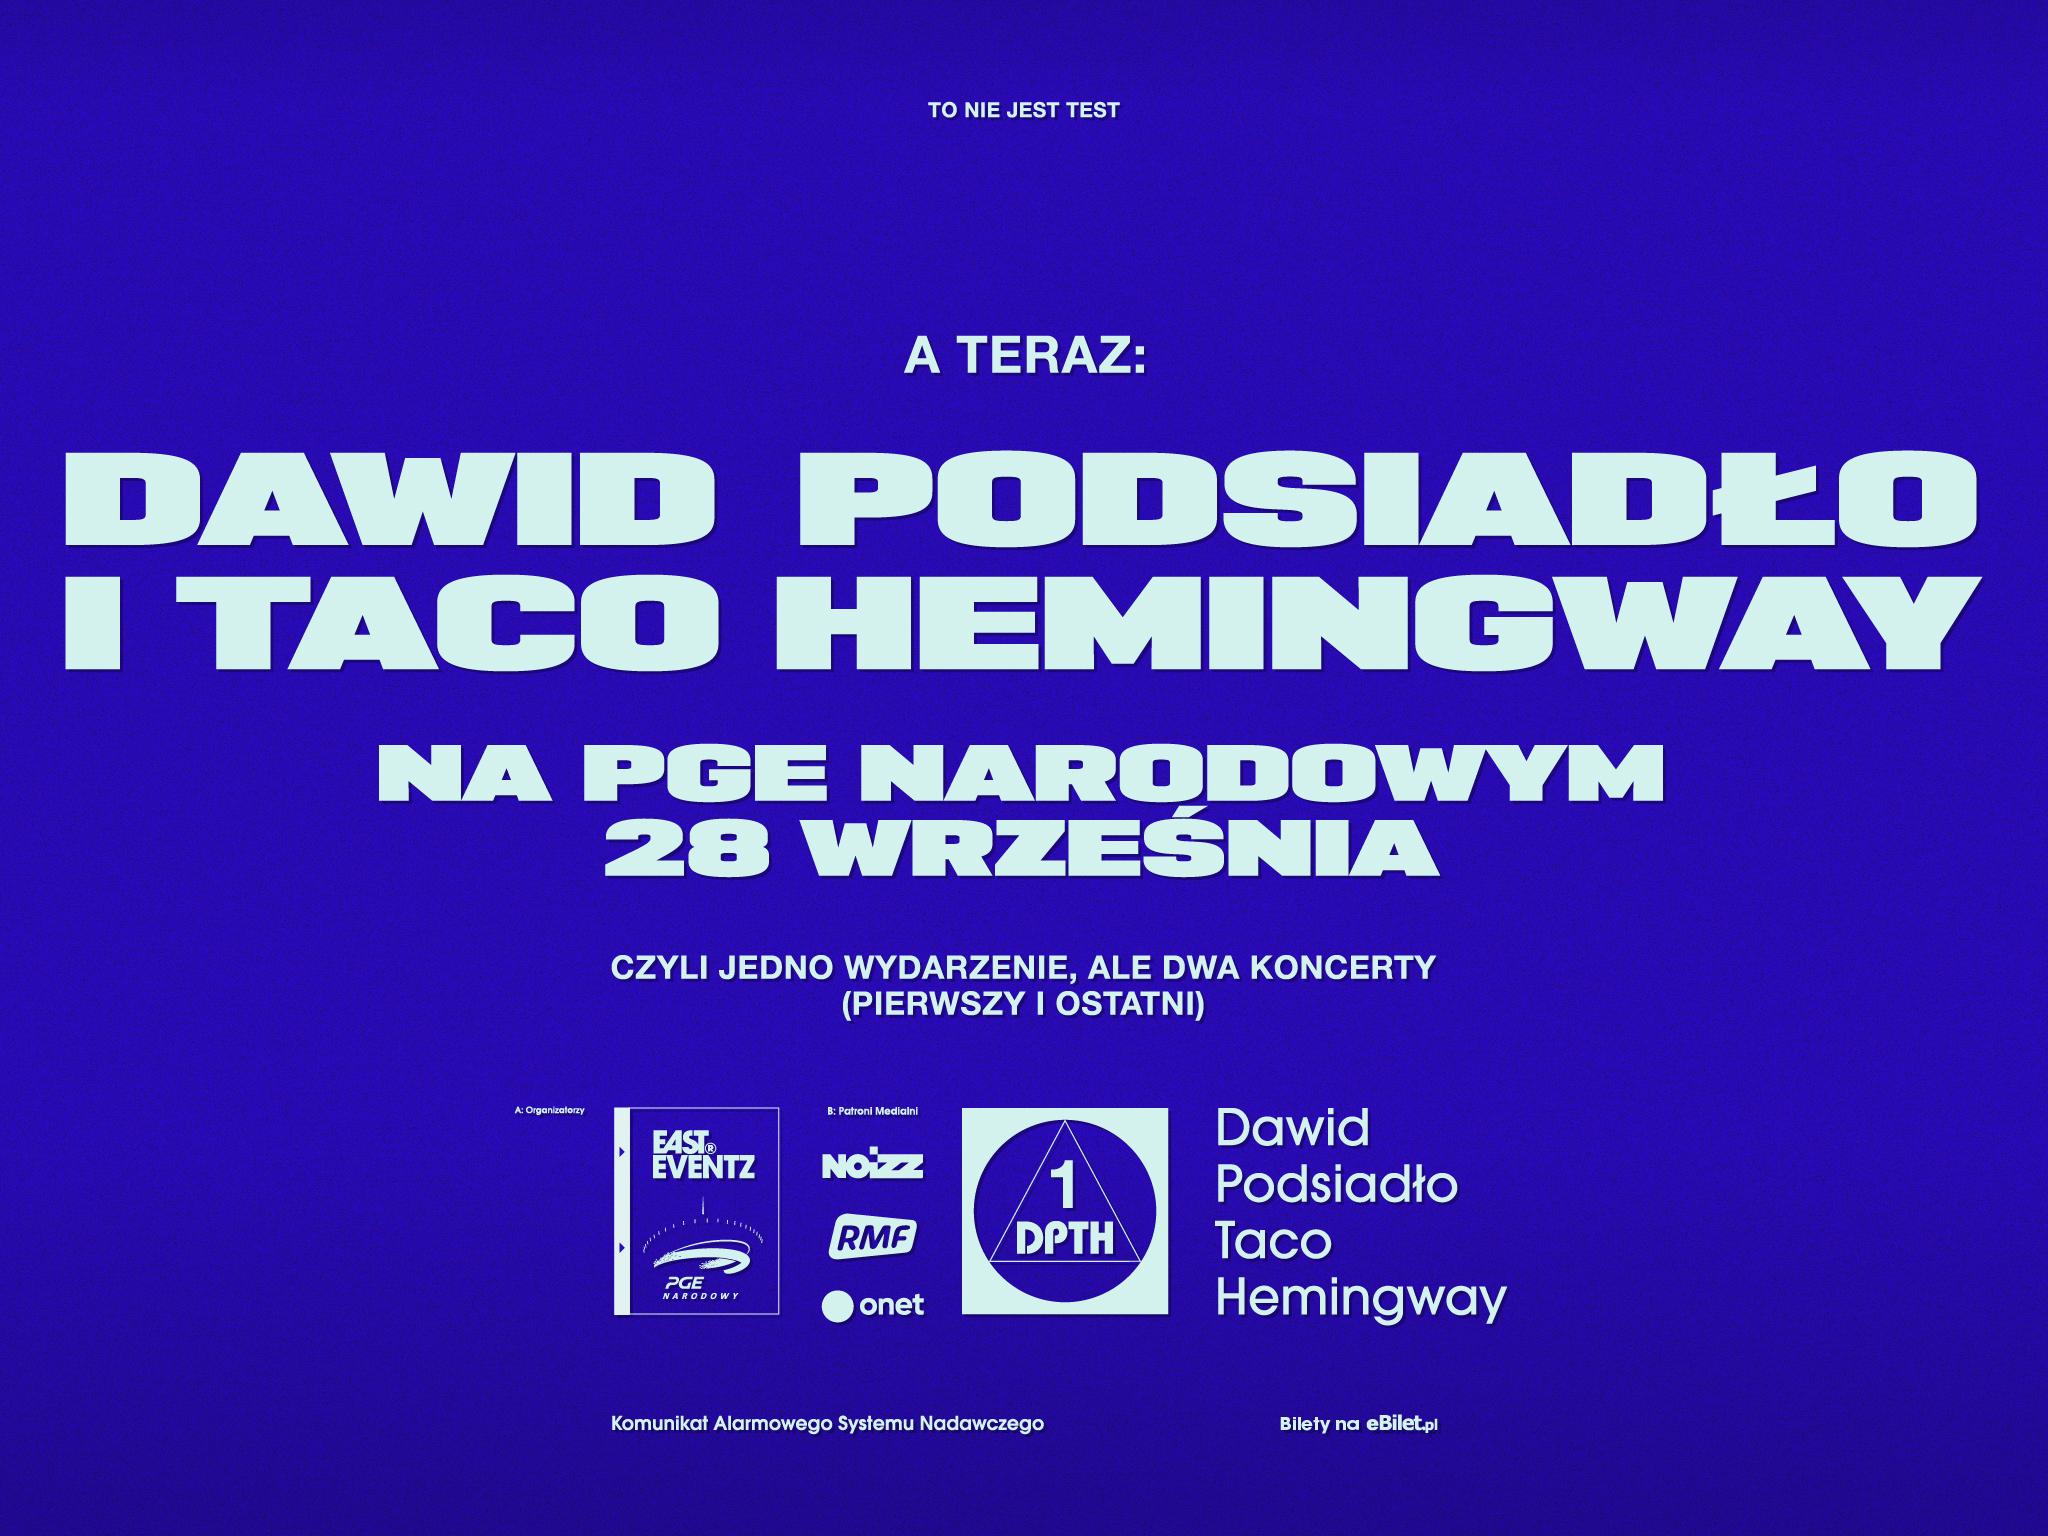 A TERAZ: Dawid Podsiadło i Taco Hemingway ujawniają szczegóły koncertu!